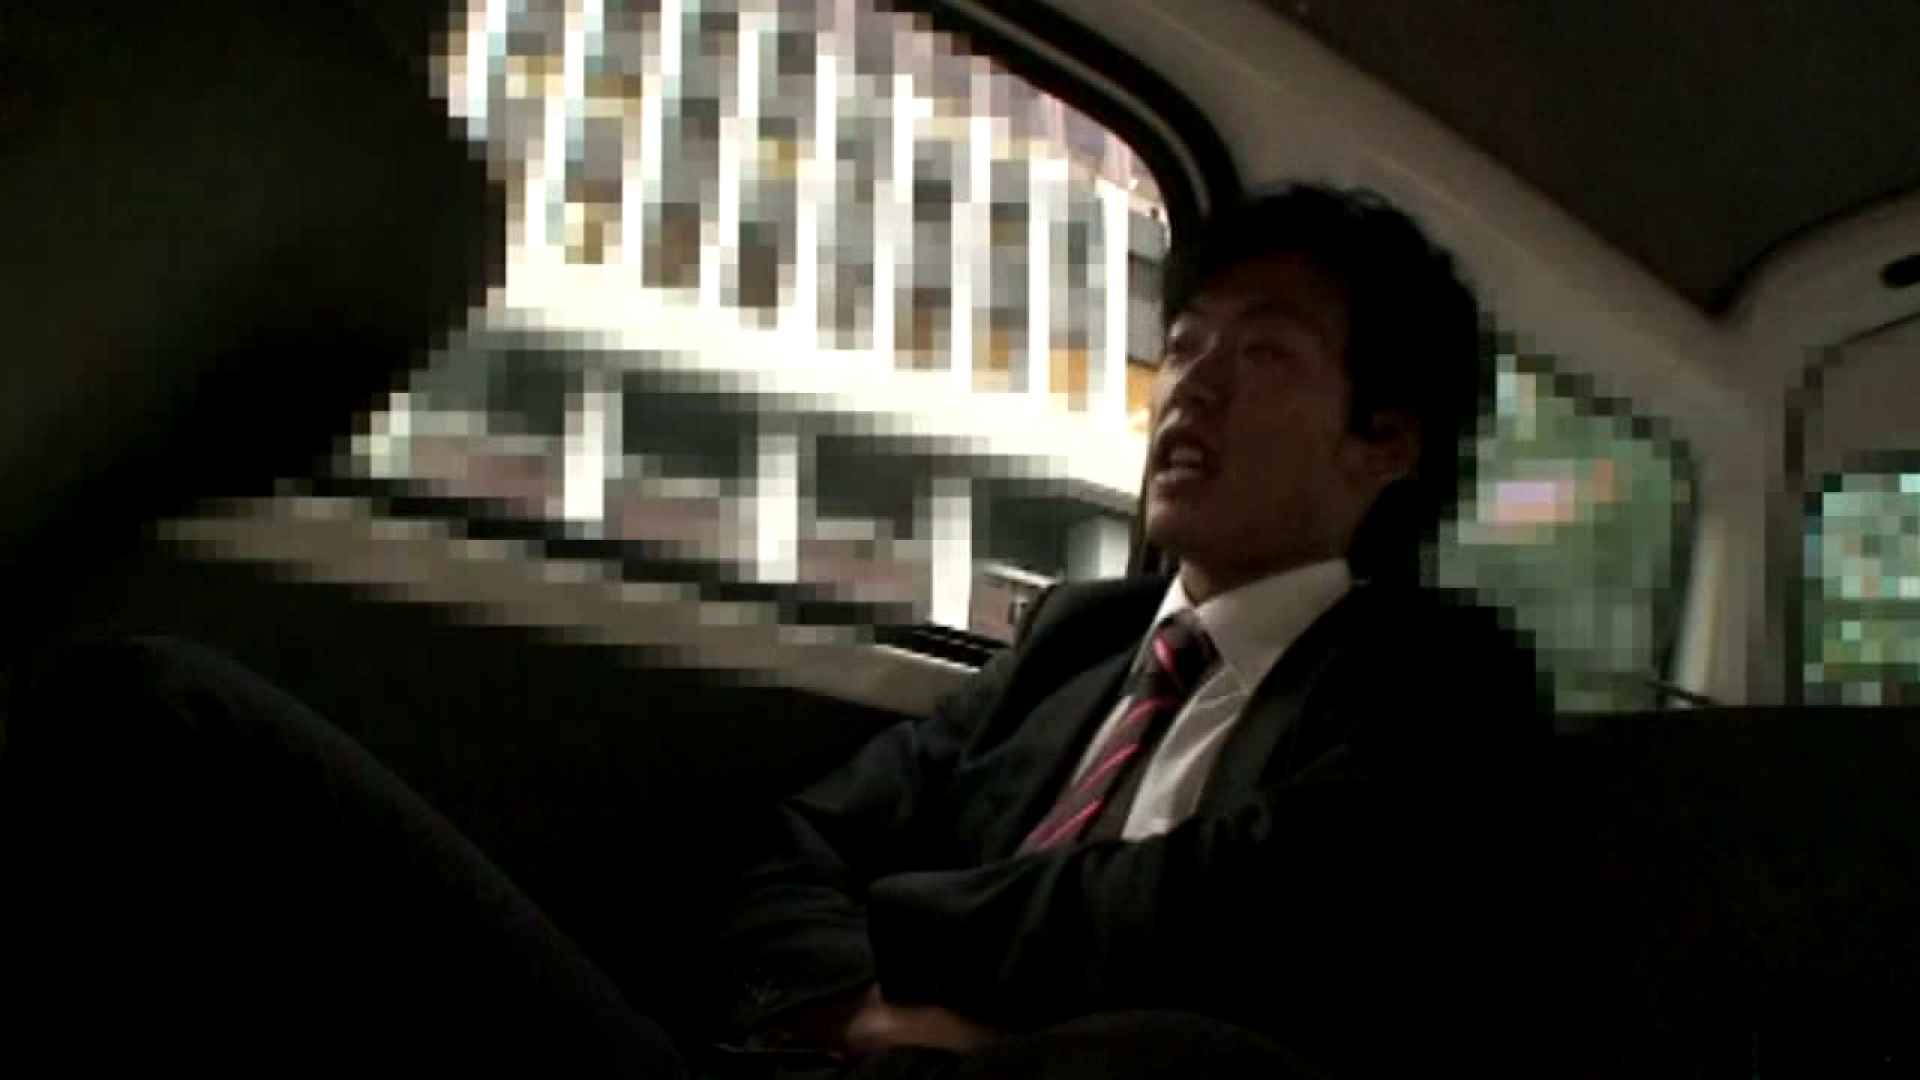 亜細亜のイケメンがイクっ!File.06 ゲイイメージ ゲイアダルトビデオ画像 105pic 33